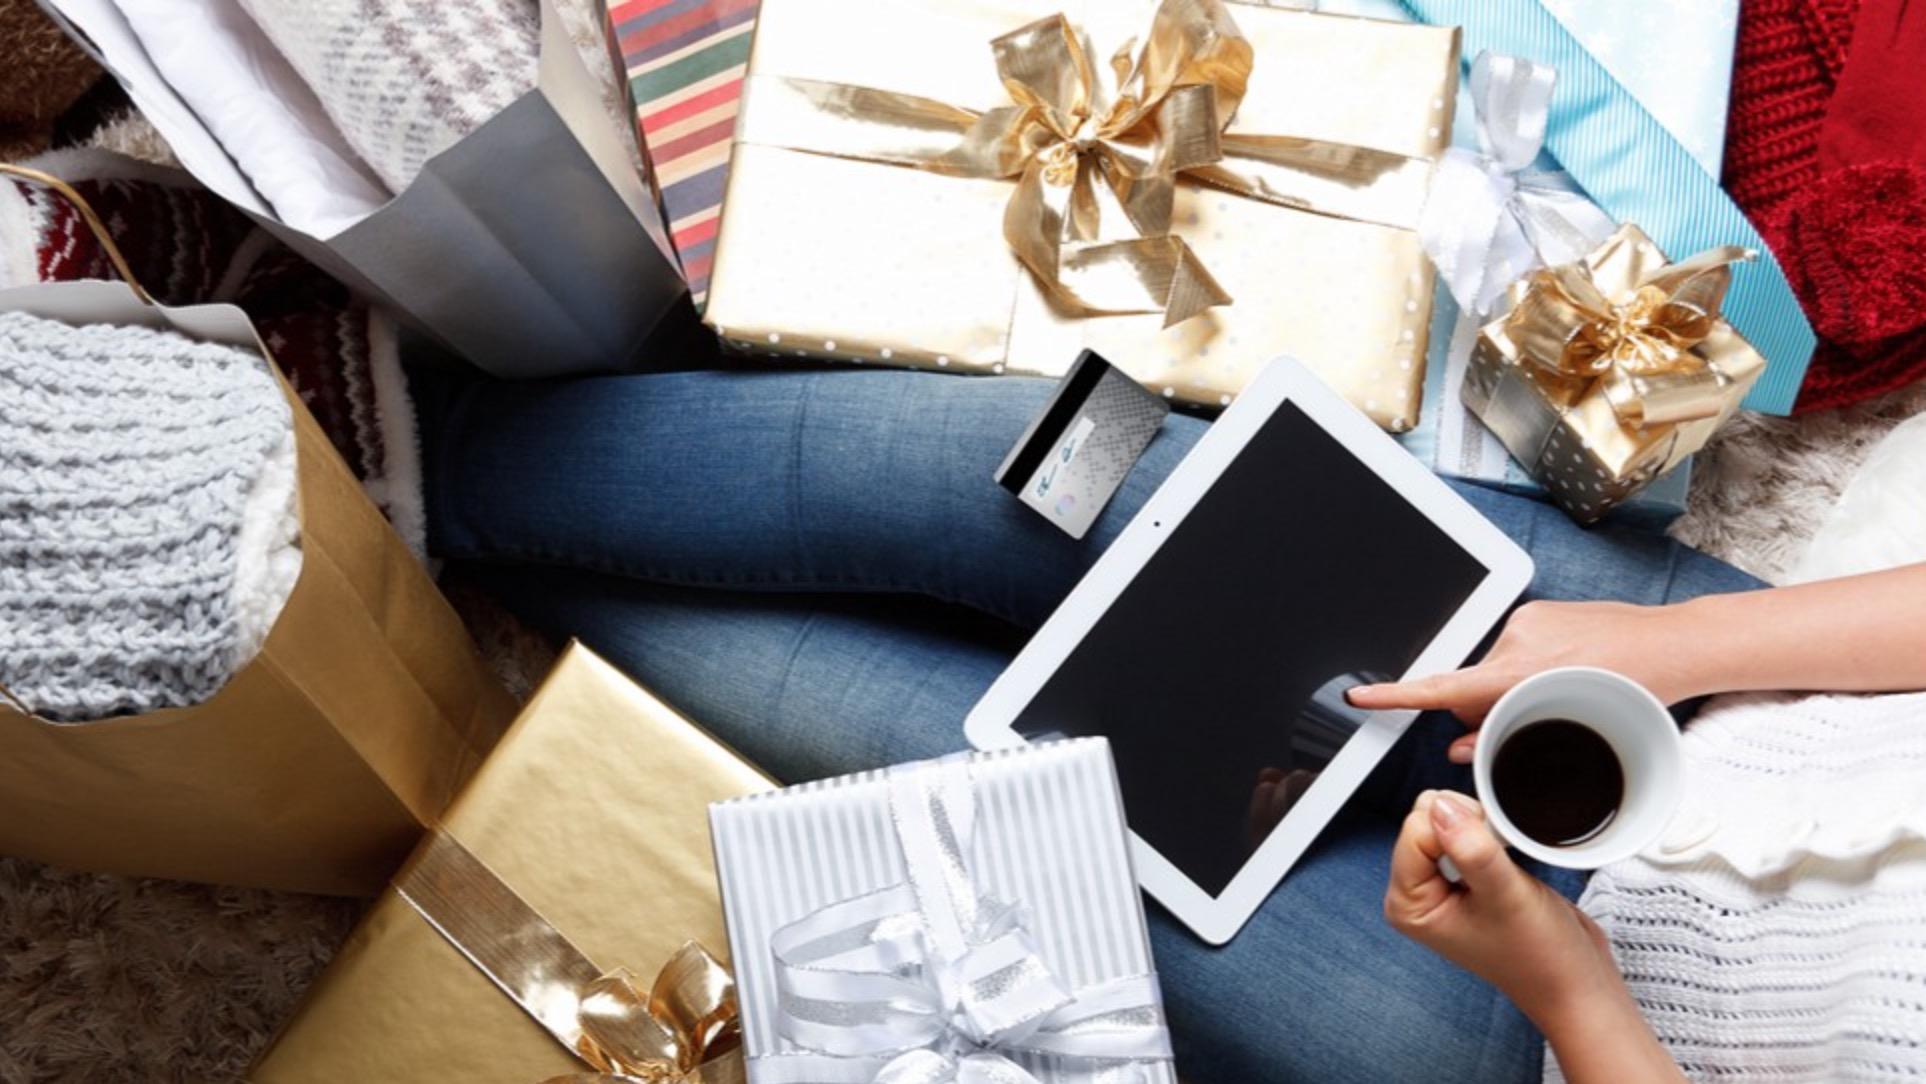 Natale 2016 regali last minute: i migliori tech